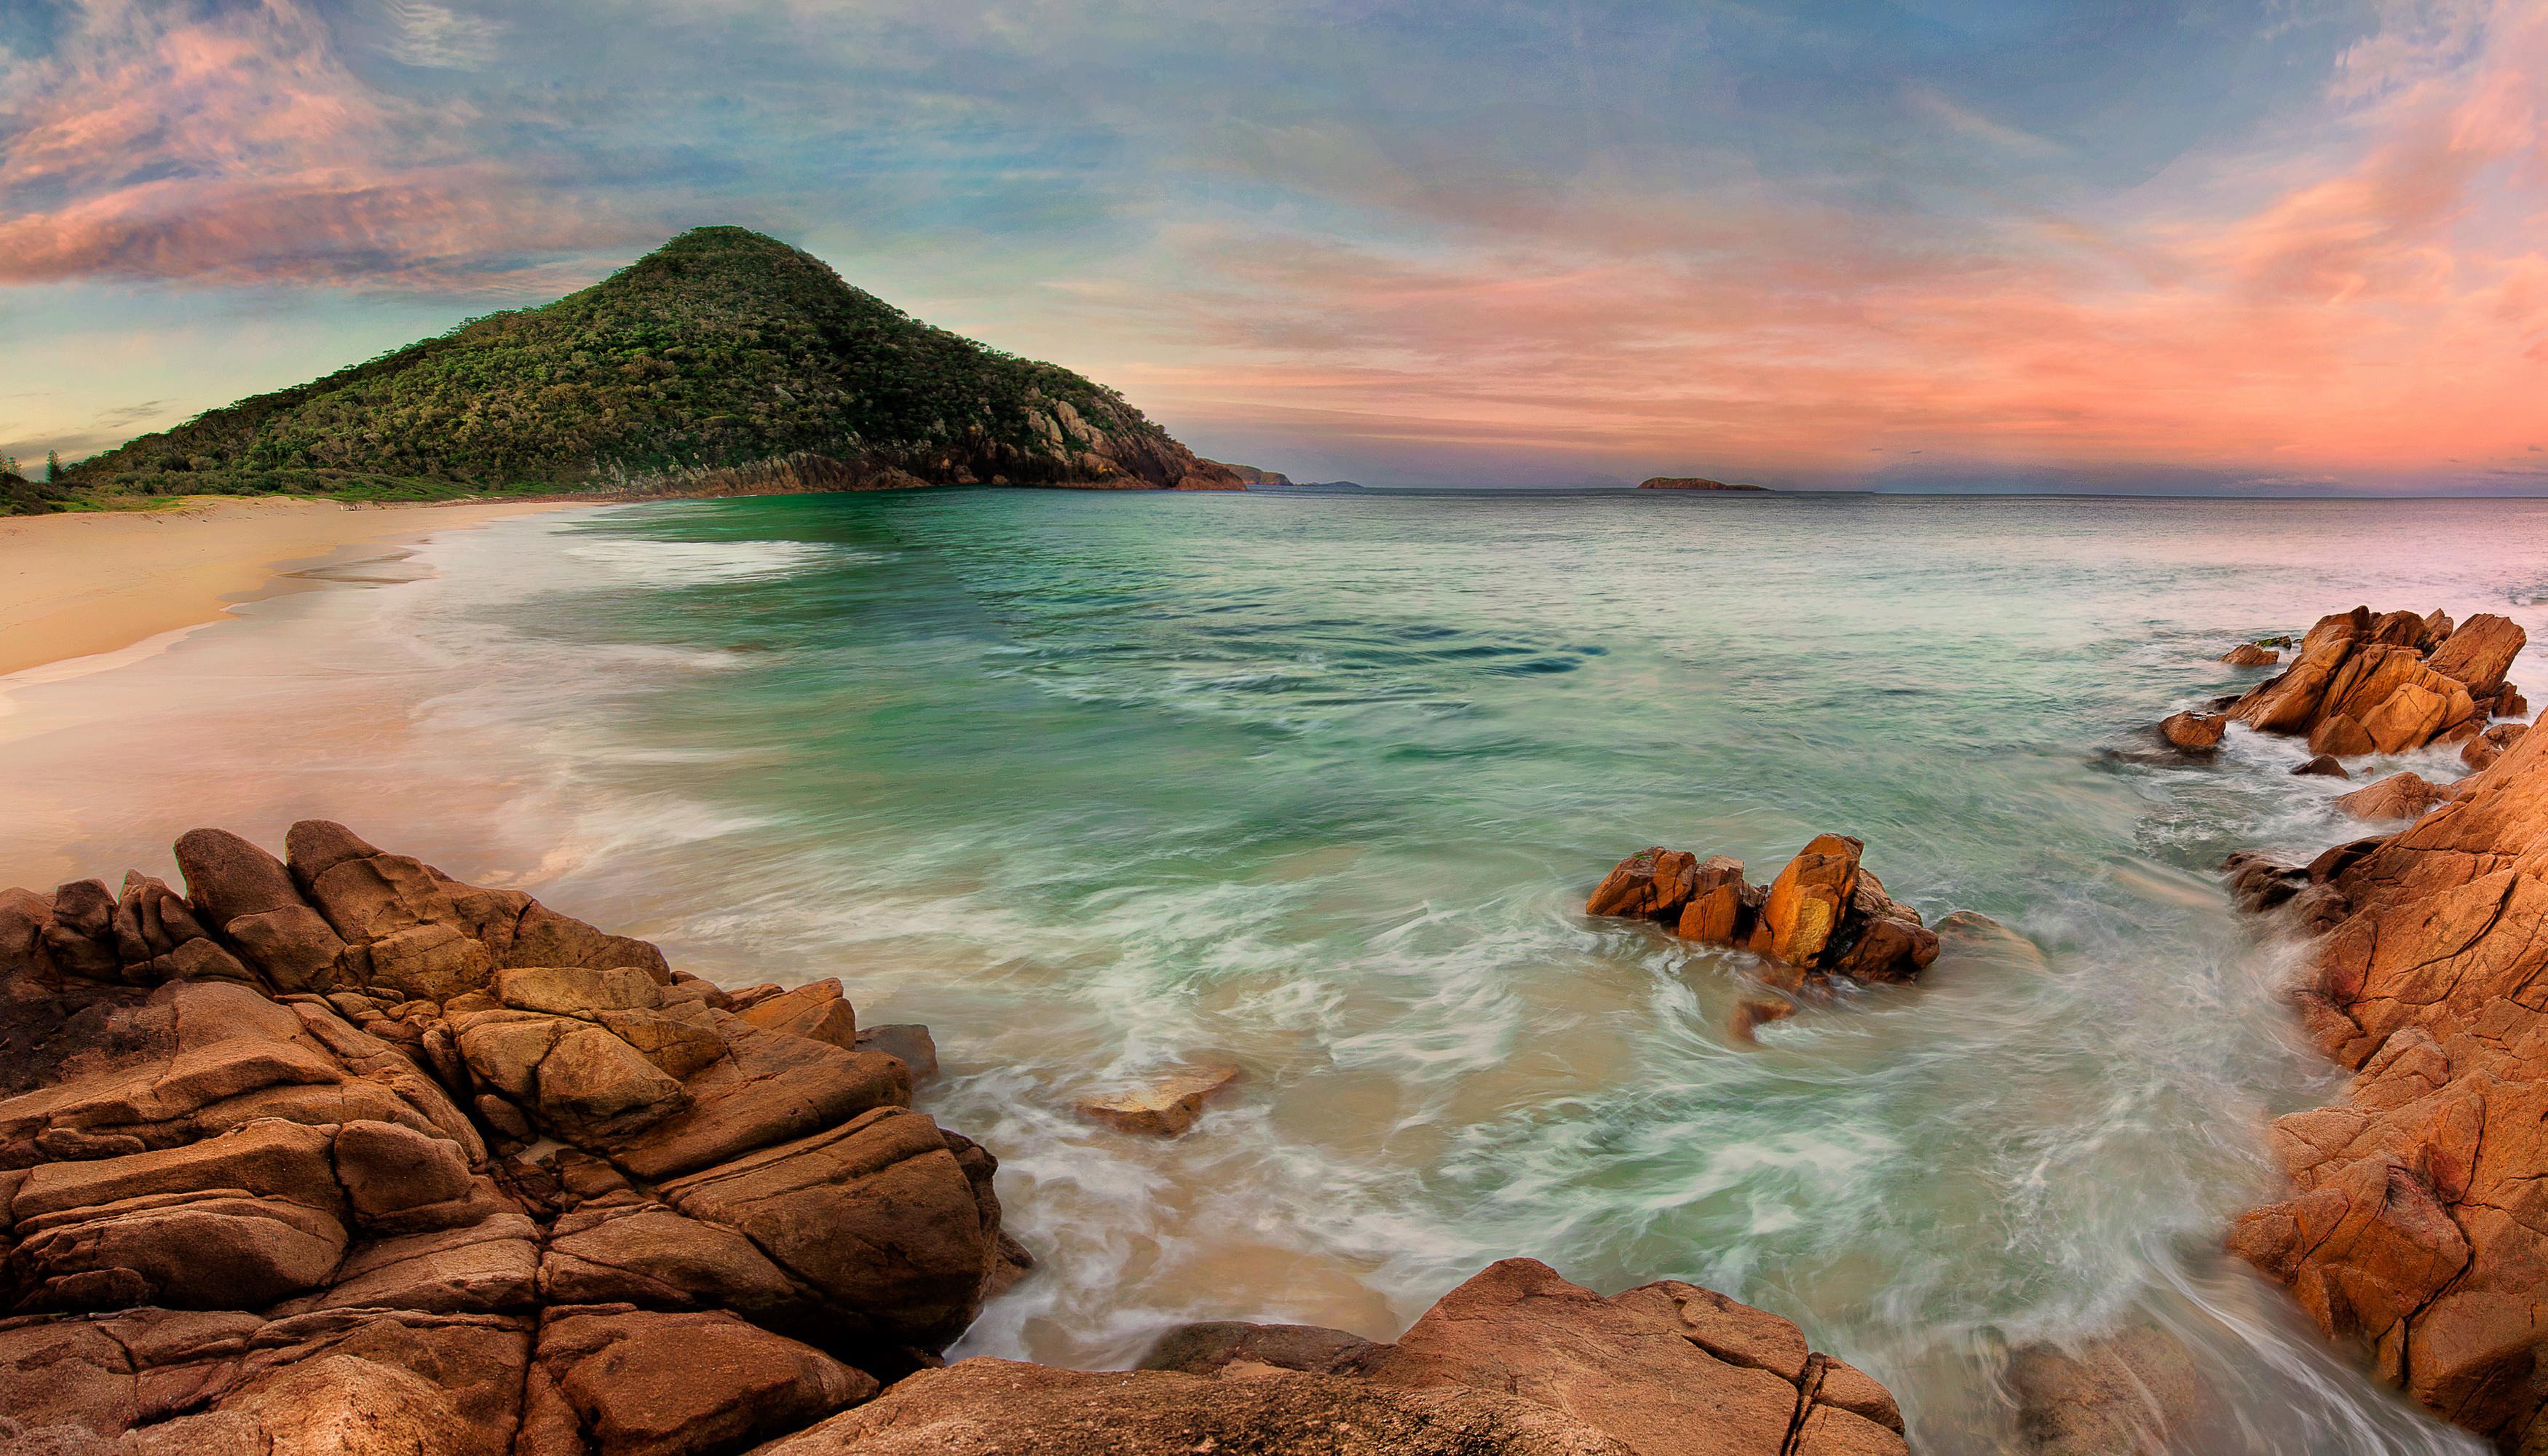 Ocean Sea Beach Rock Australia Sky Horizon 3500x2000